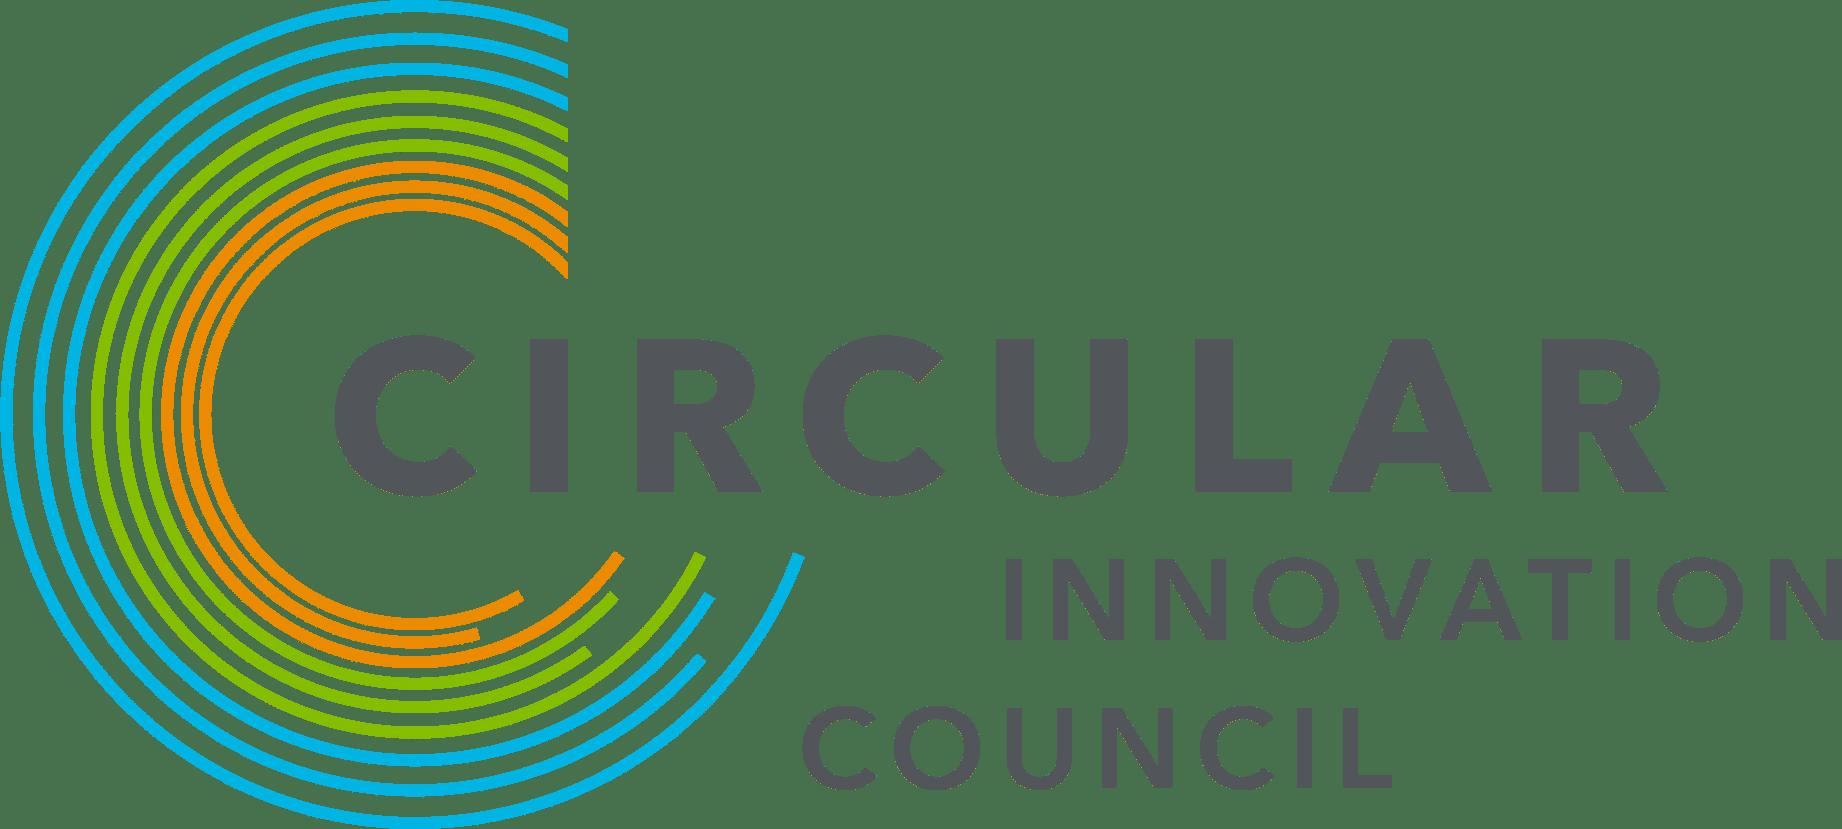 Circular Innovation Council-Logo